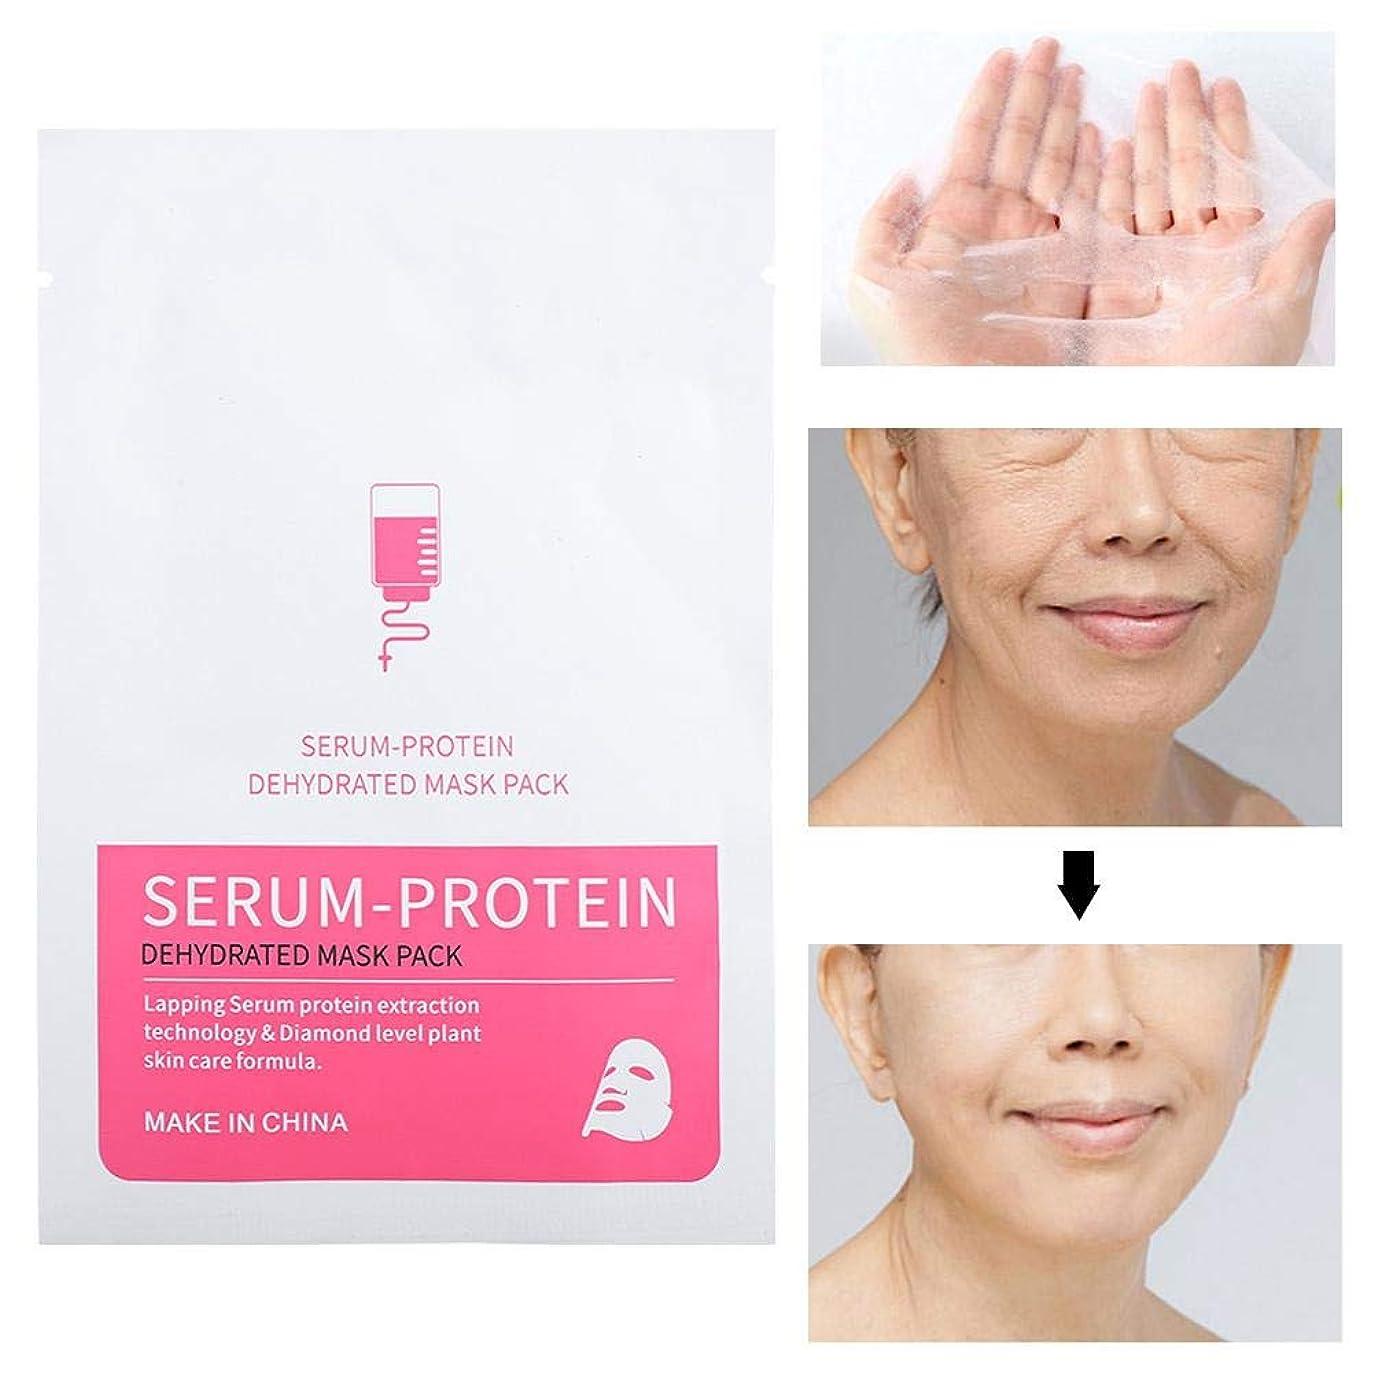 教えラリーベルモント深い3.5g血清蛋白質のマスク、凍結乾燥させた粉のマスクをしっかり止める反しわの収縮の気孔